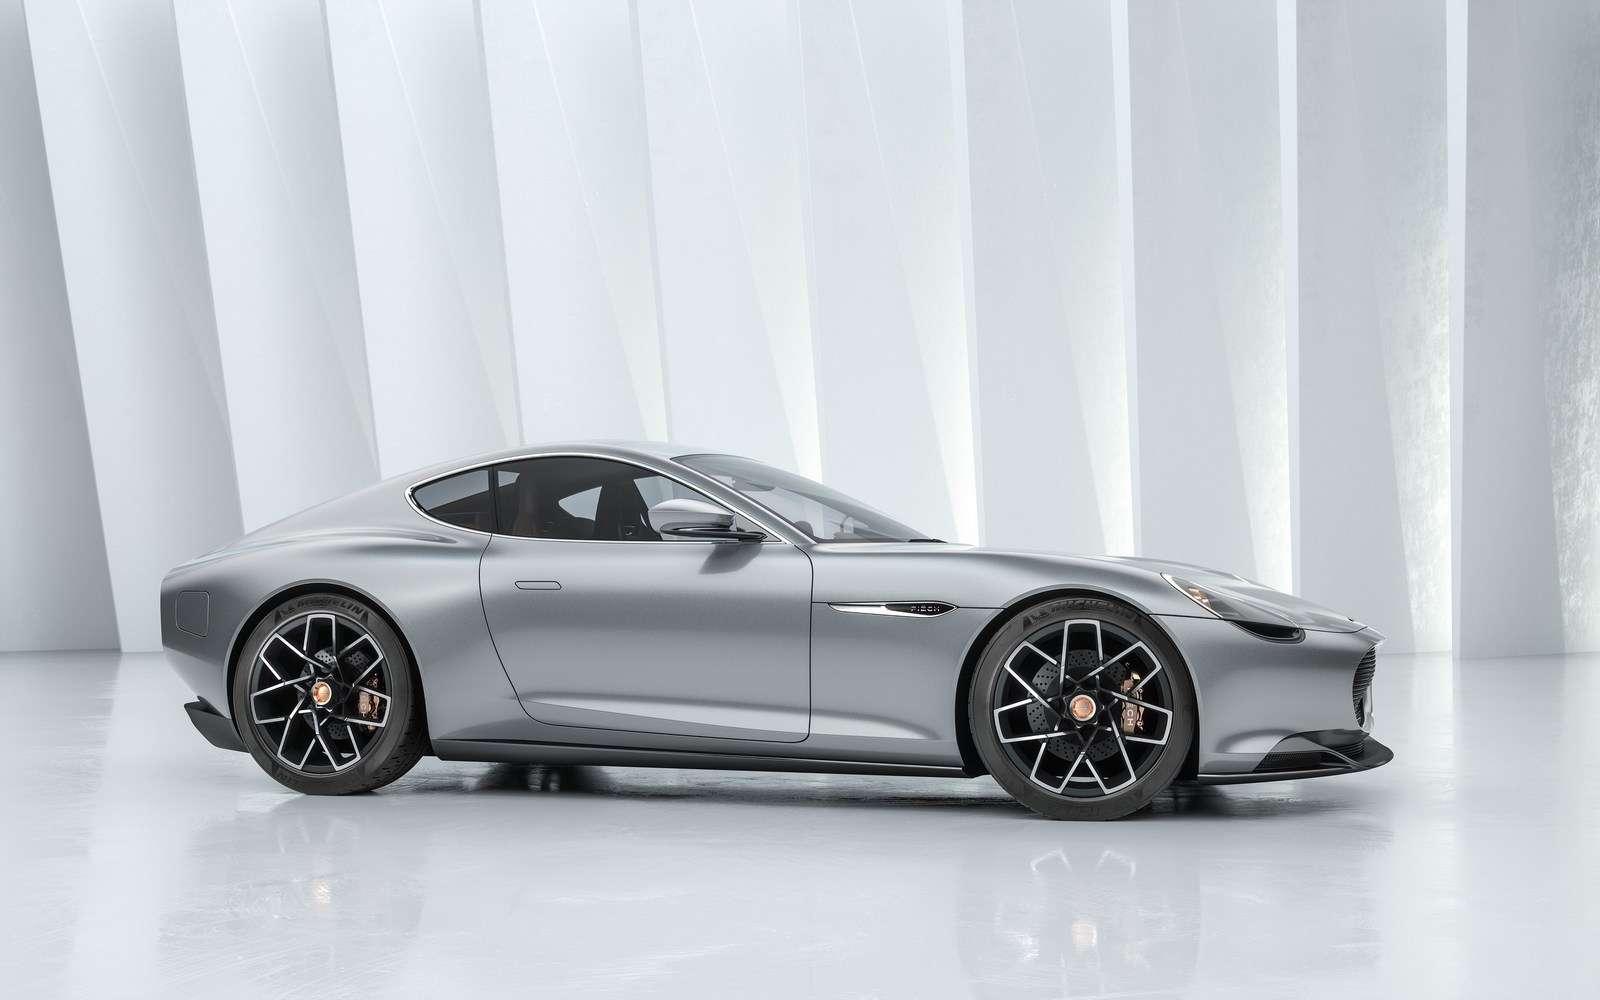 Le masque avant de la Mark Zero rappelle beaucoup le style Aston Martin. © Piëch